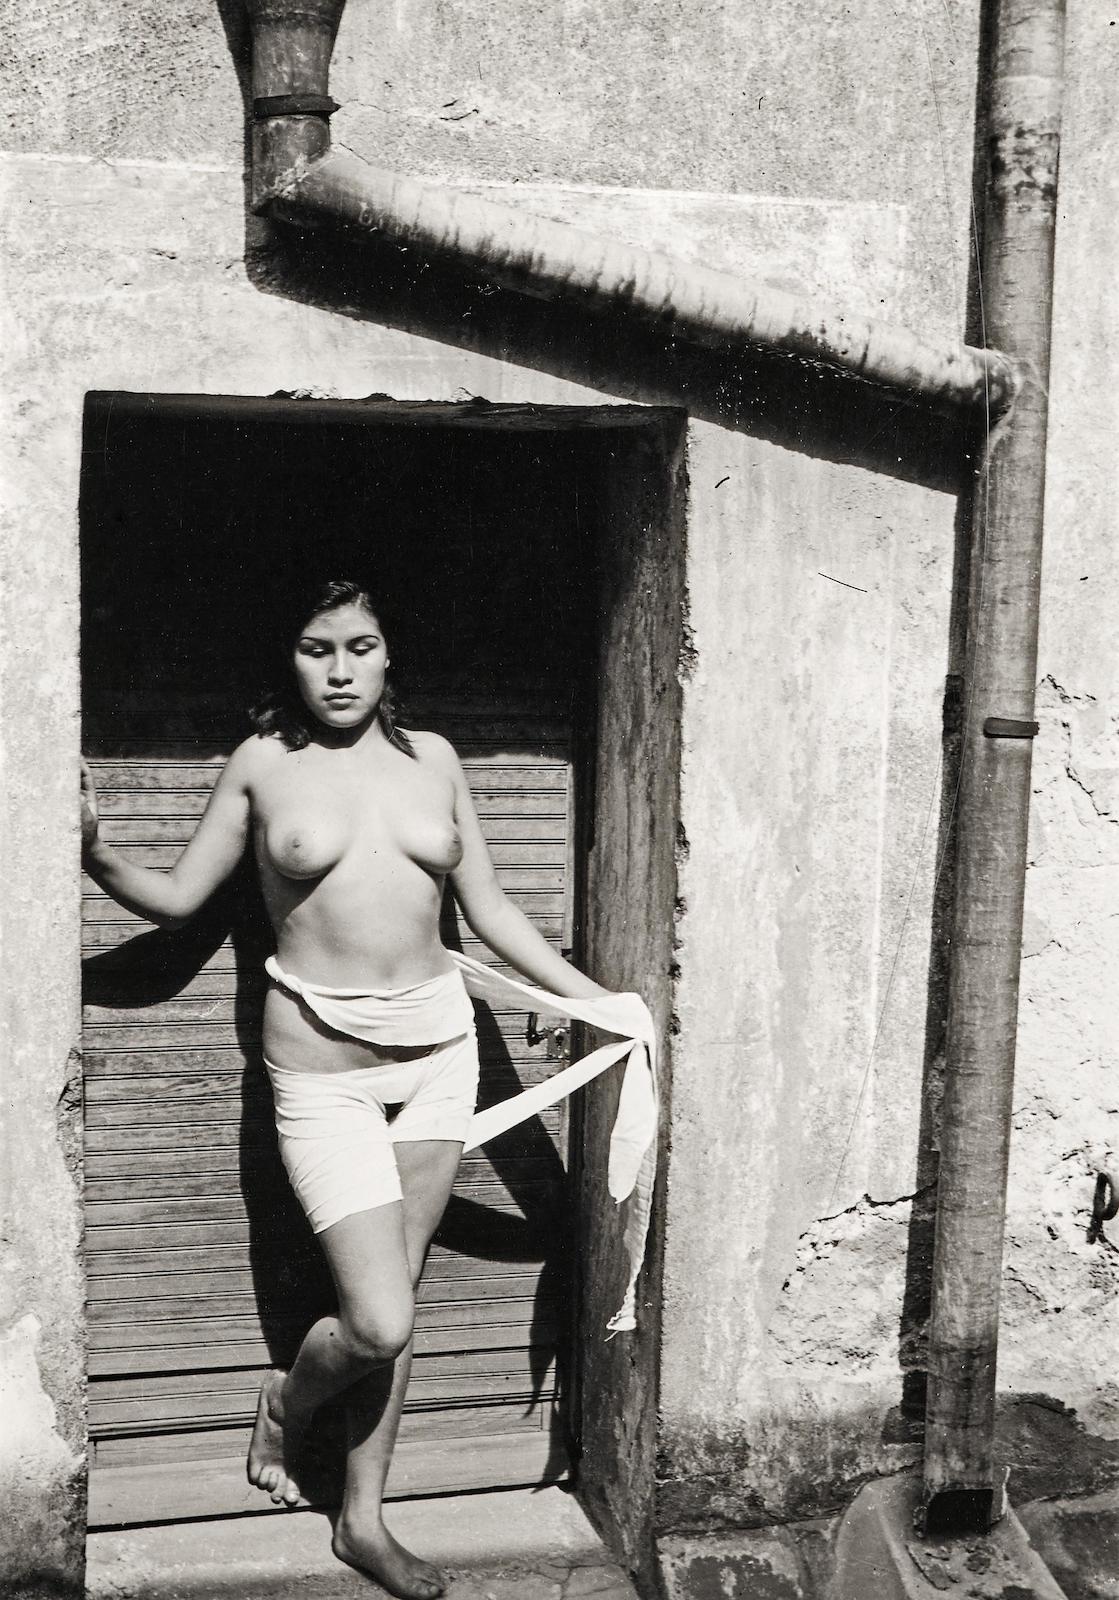 Manuel Alvarez Bravo-Cuando La Buena Fama Despierta (When Good Reputation Awakens)-1938